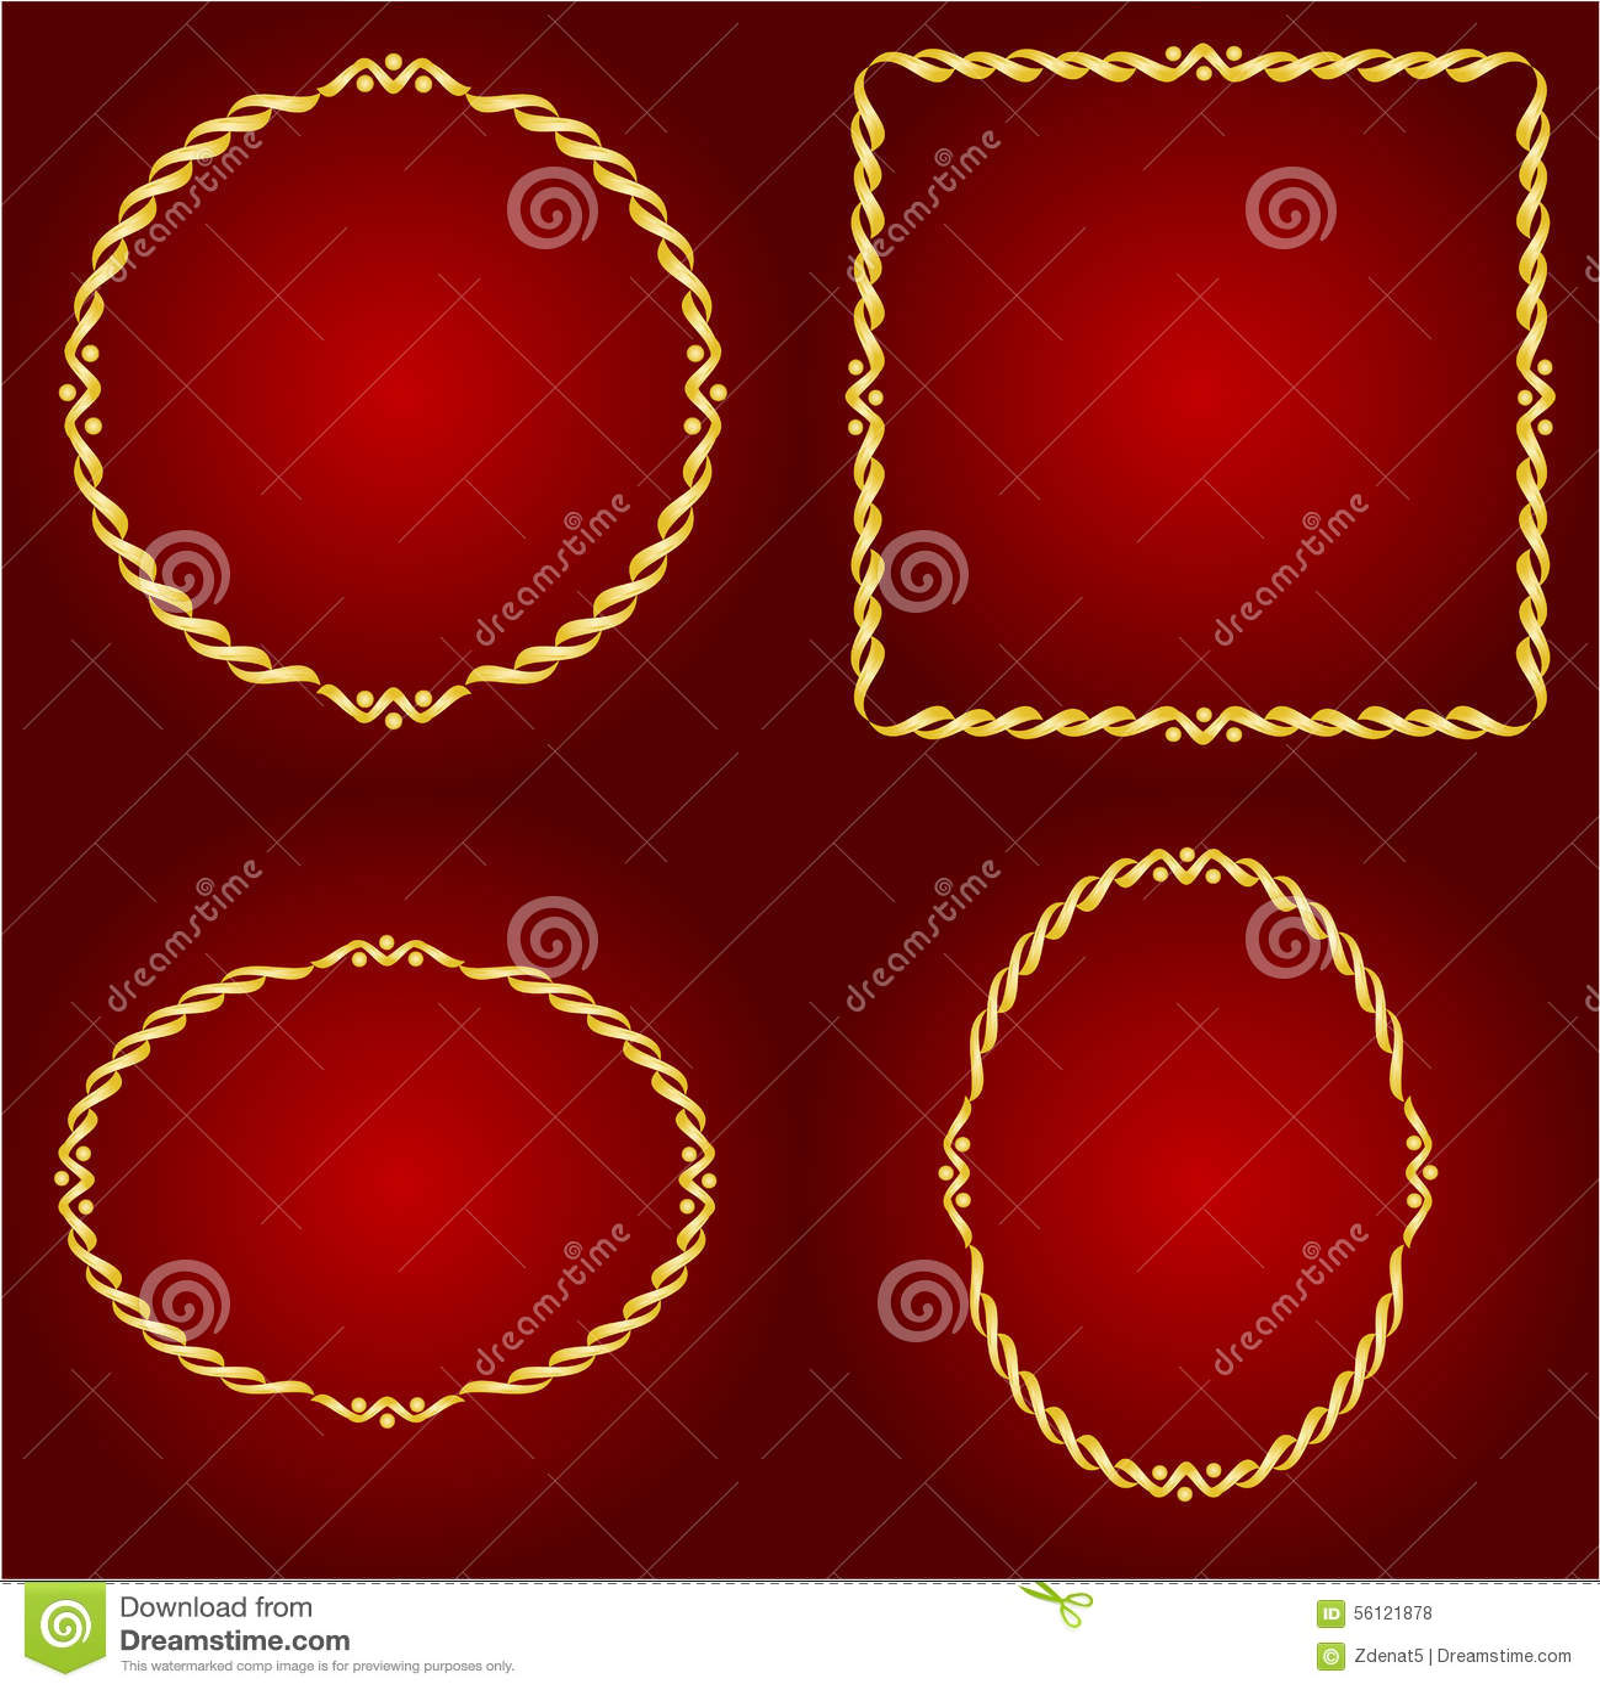 Goldrahmen Auf Dem Roten Hintergrundvektor Vektor Abbildung ...